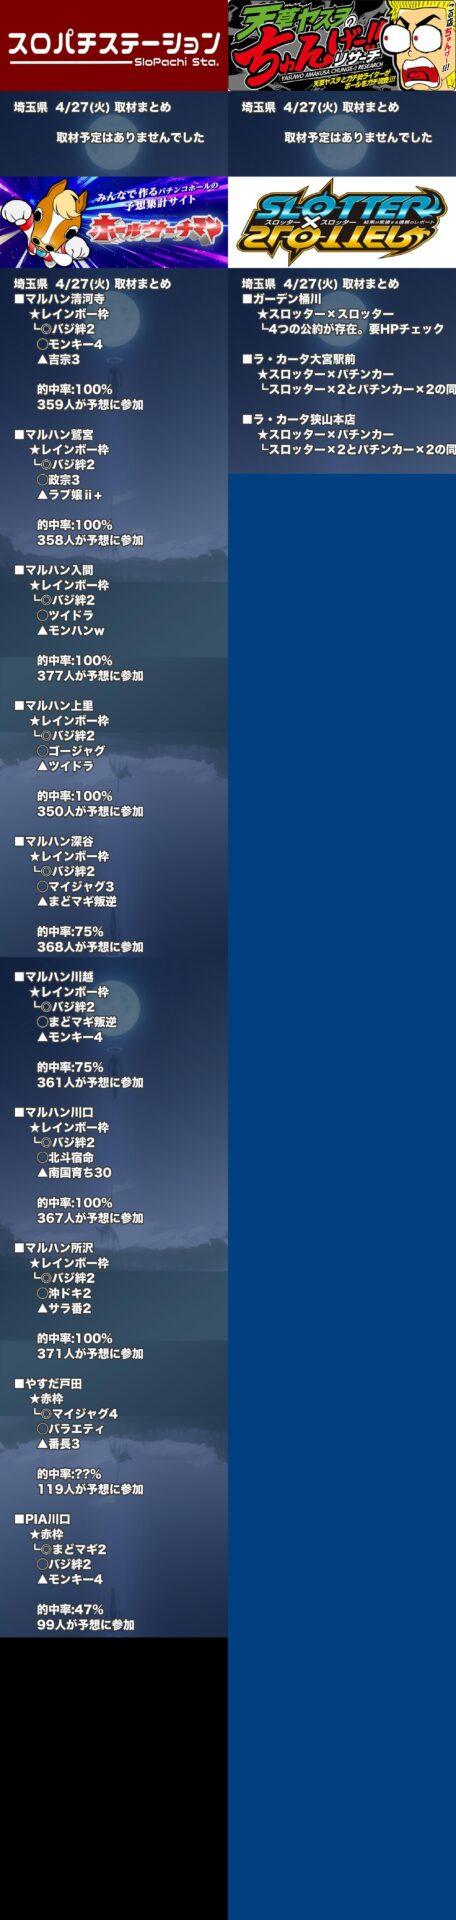 埼玉県_2021-04-27_パチンコ・パチスロ